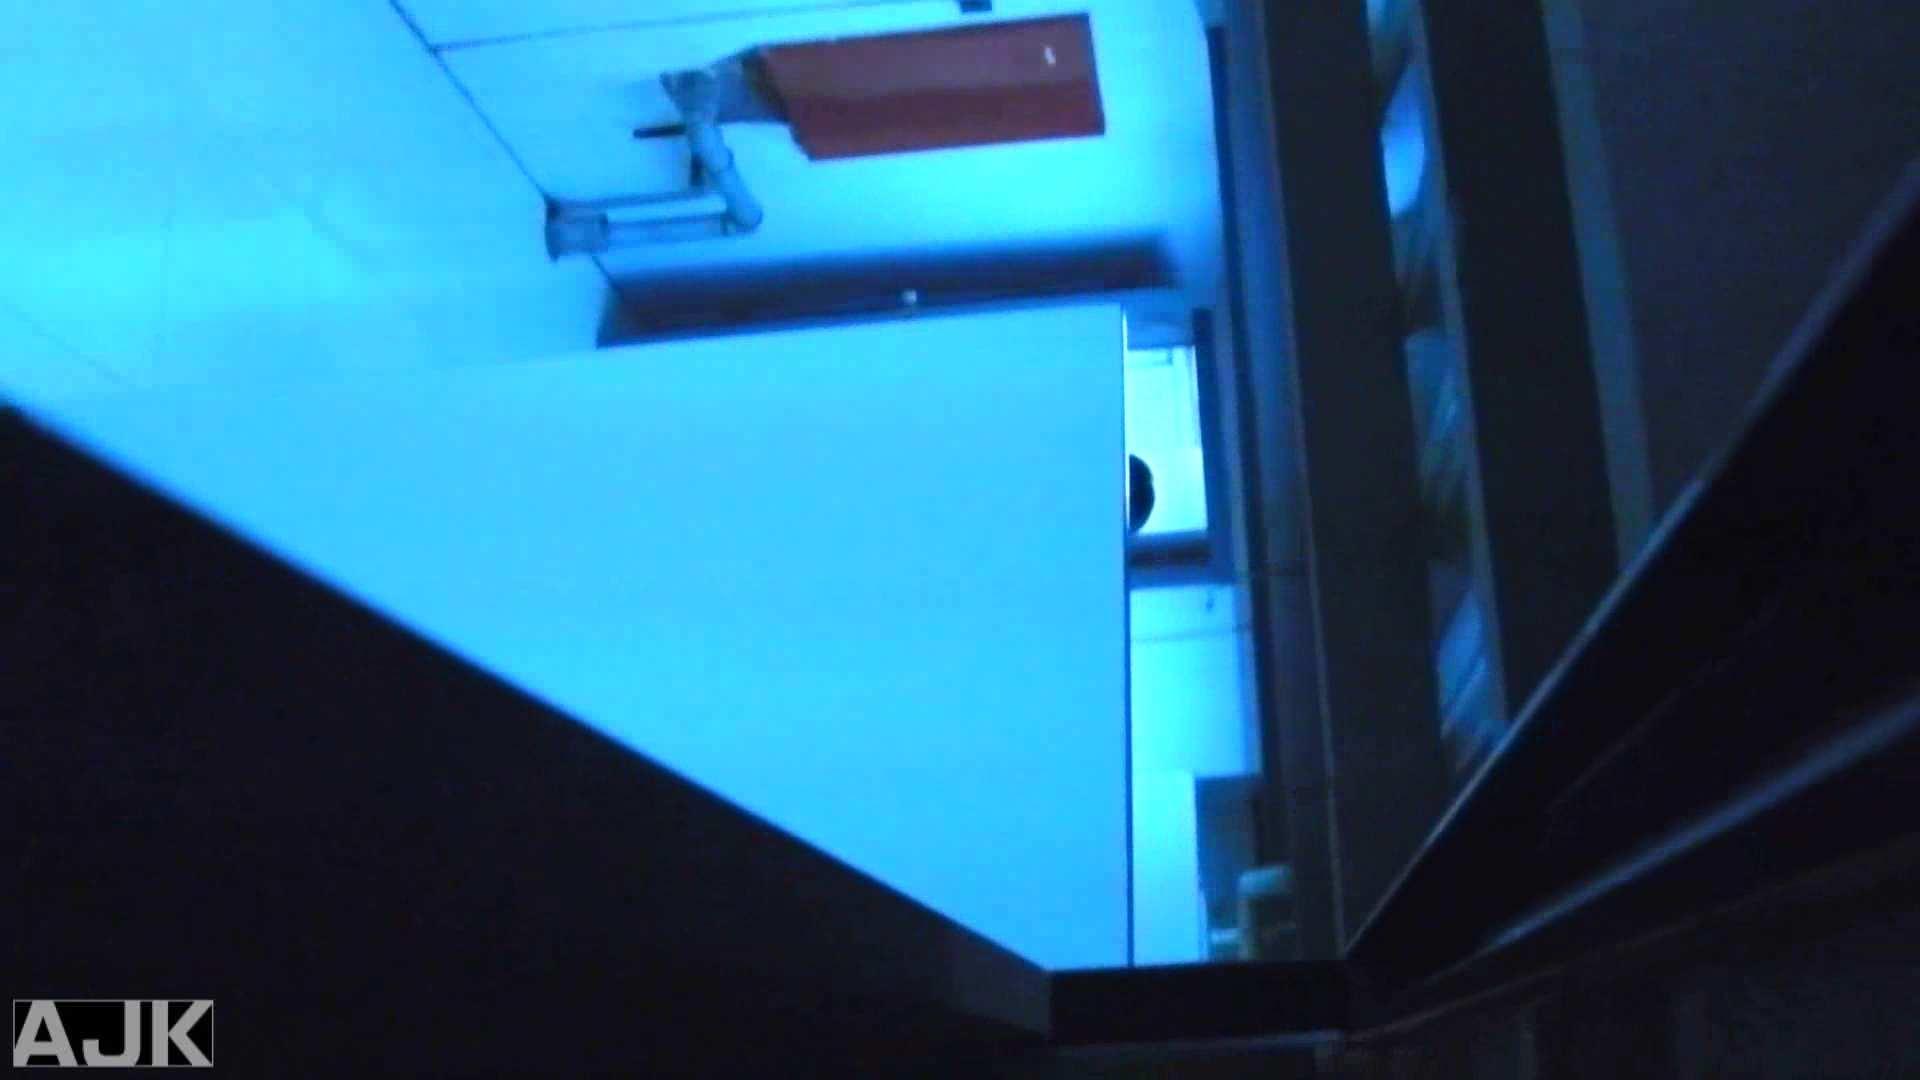 神降臨!史上最強の潜入かわや! vol.13 無料オマンコ | 潜入  66PICs 43